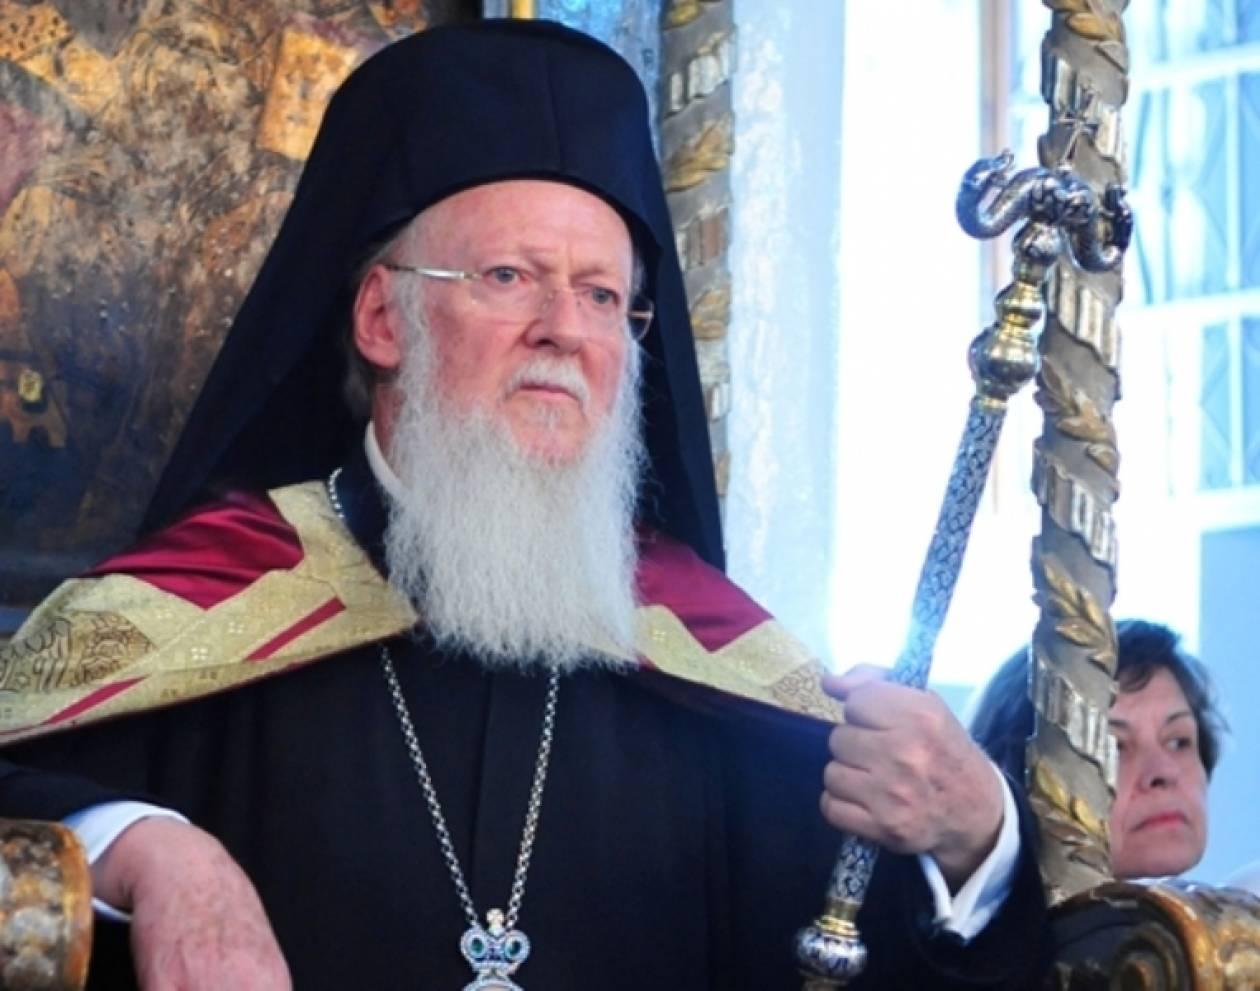 Στο υπουργείο Μακεδονίας Θράκης ο Οικουμενικός Πατριάρχης